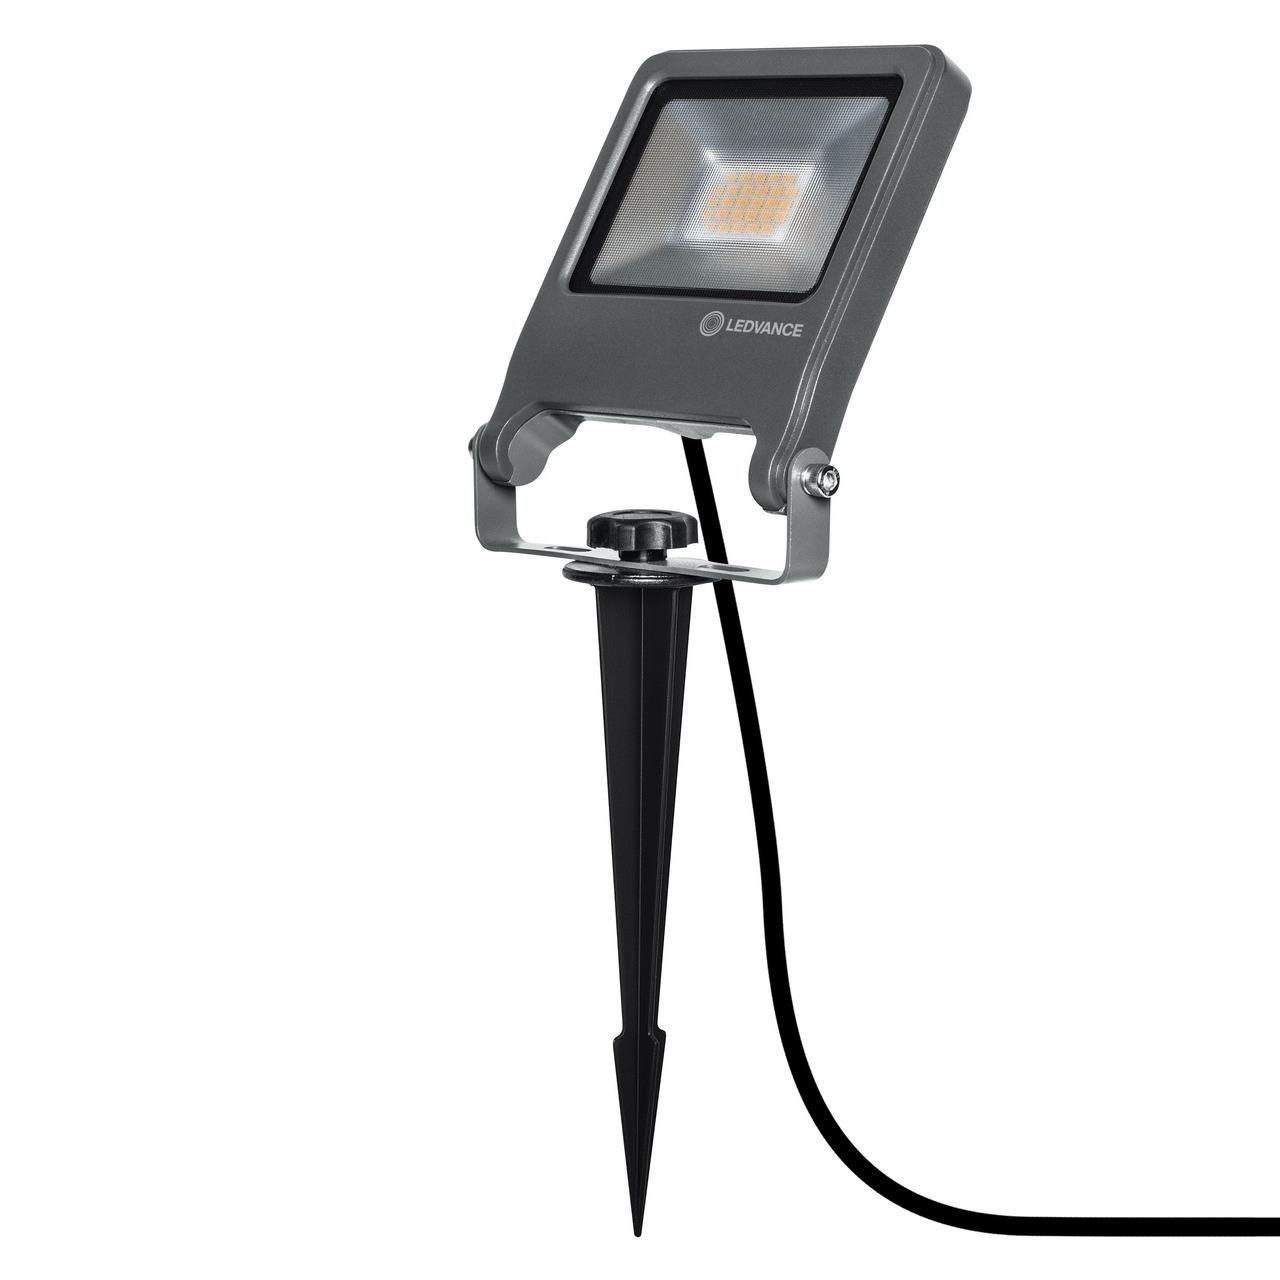 Ledvance 20-W-LED-Auund-223 en-Fluterleuchte ENDURA GARDEN FLOOD- mit Erdspieund-223 - Plug-undamp -Play- IP65